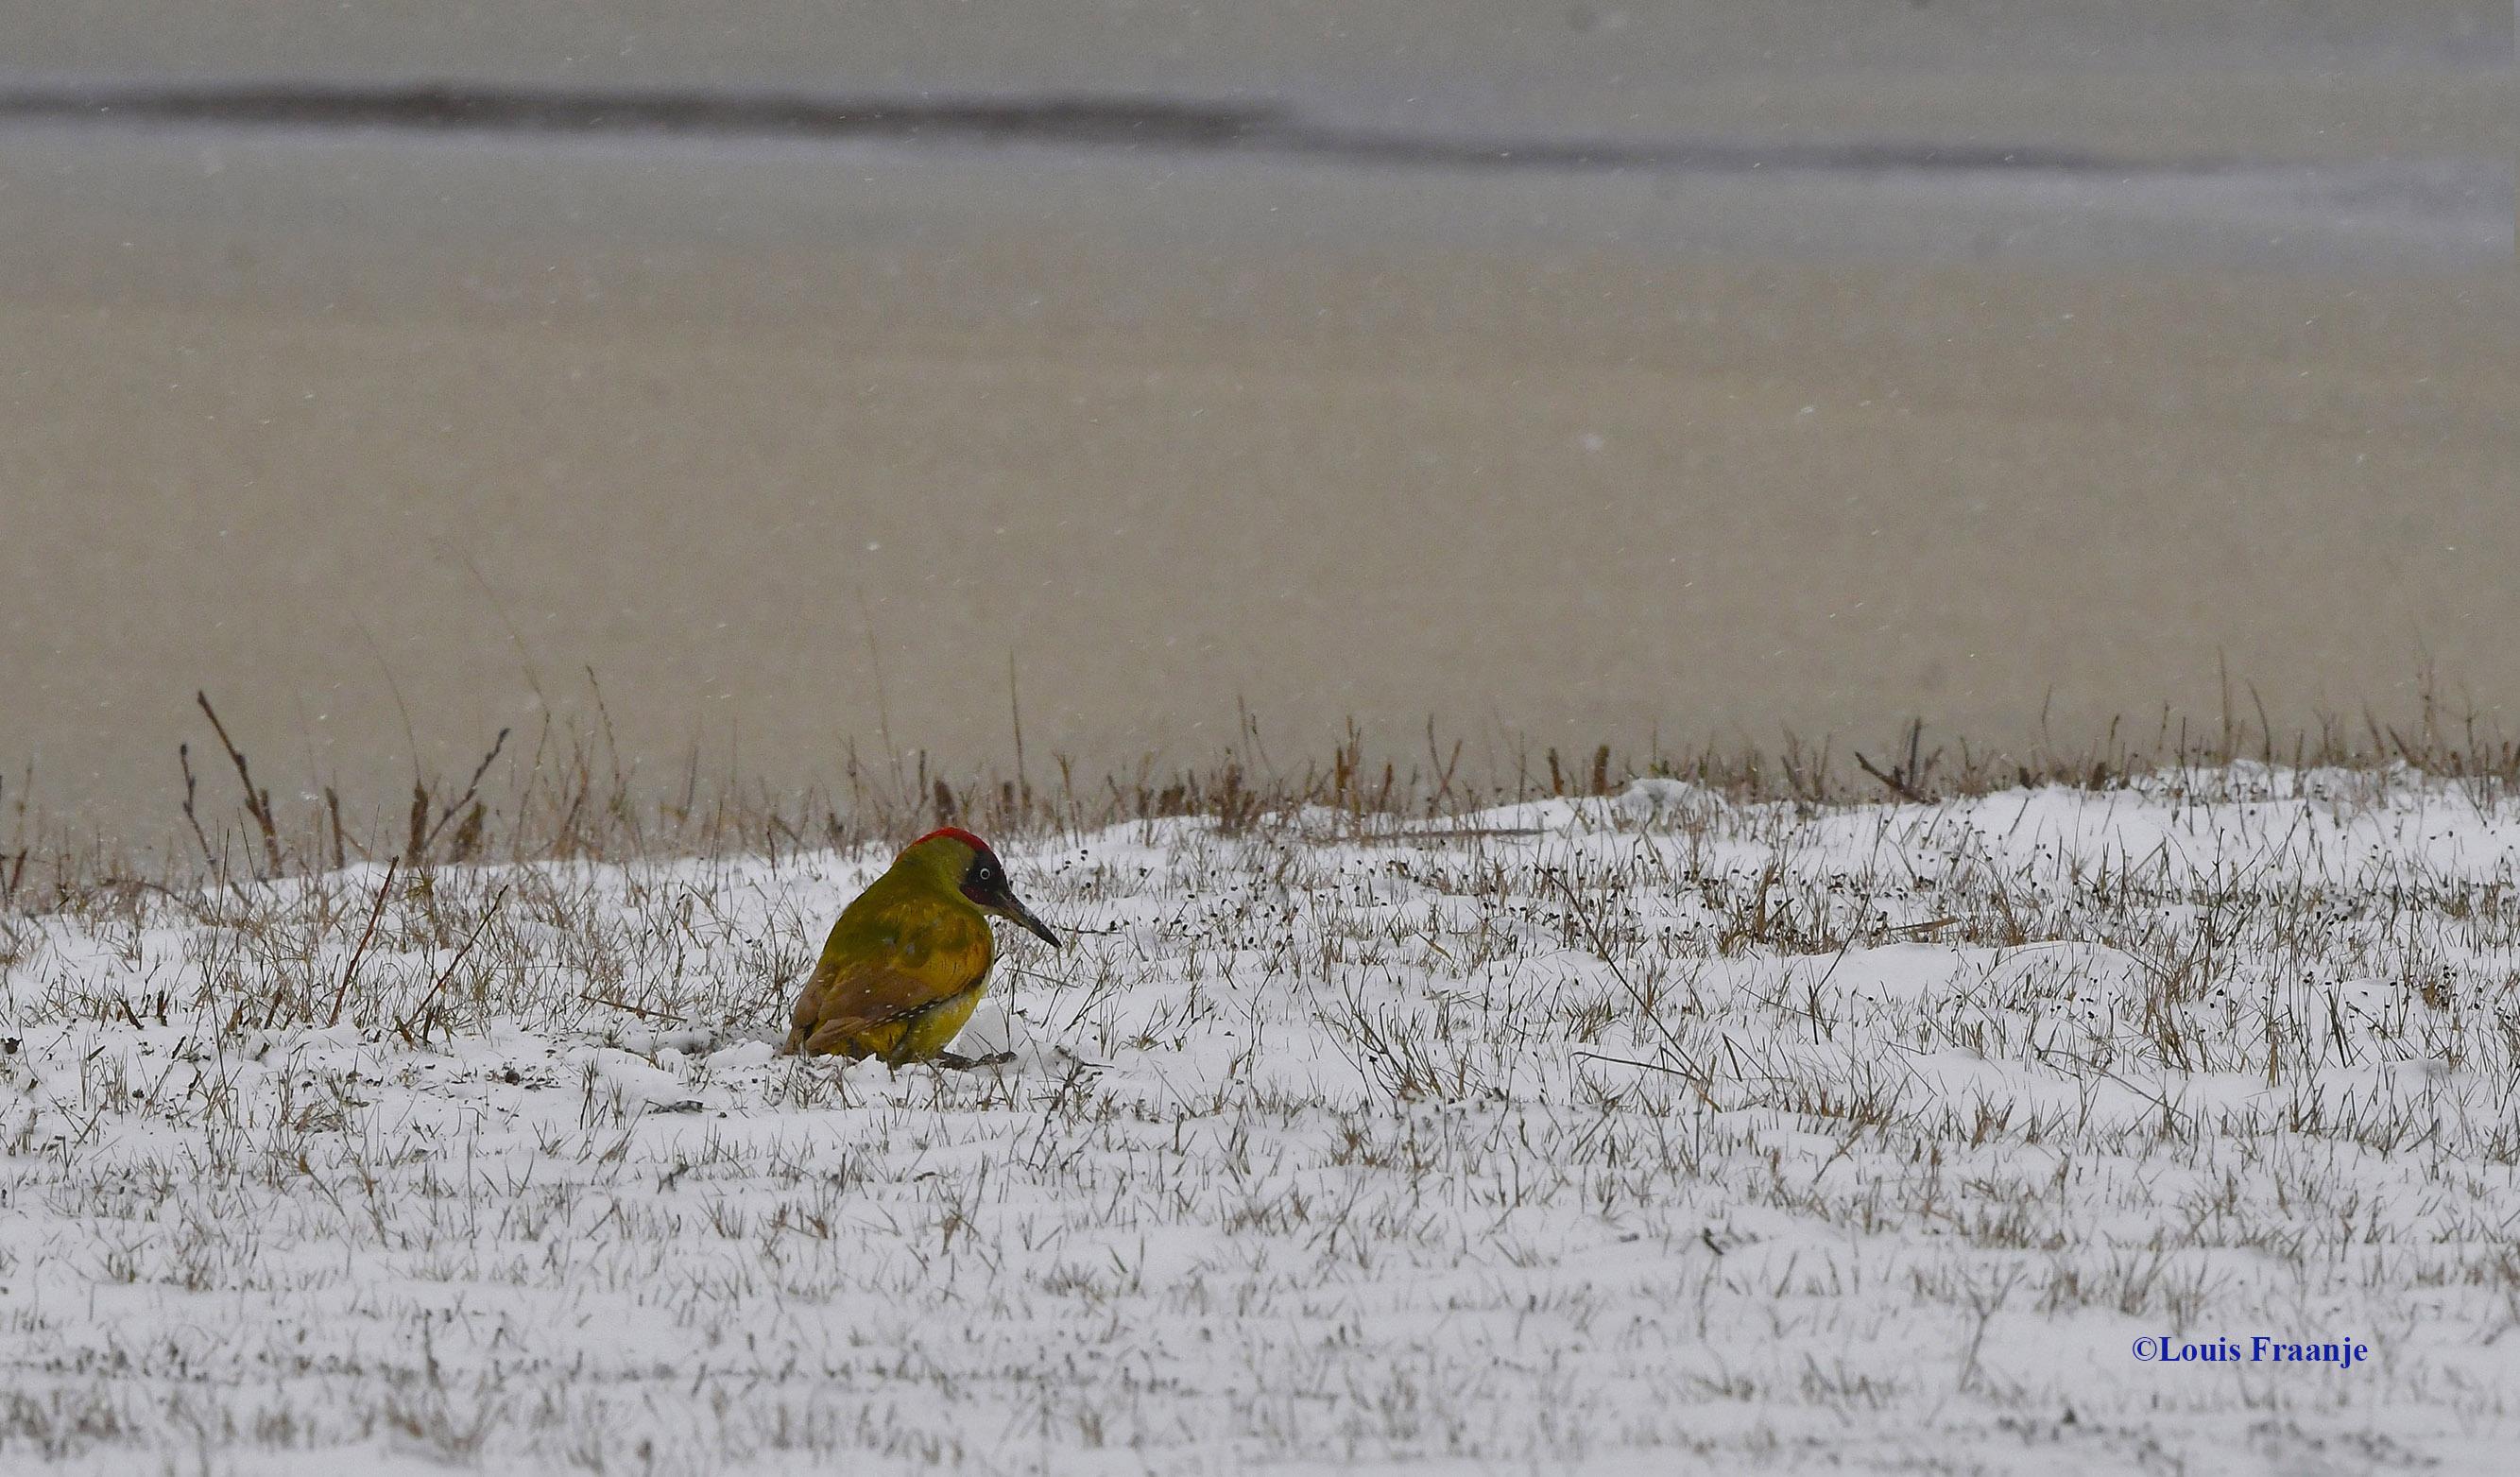 En dan... ineens... aan de rand van een bevroren plas, zit daat een groene spechtenman in de sneeuw te hakken - Foto: ©Louis Fraanje